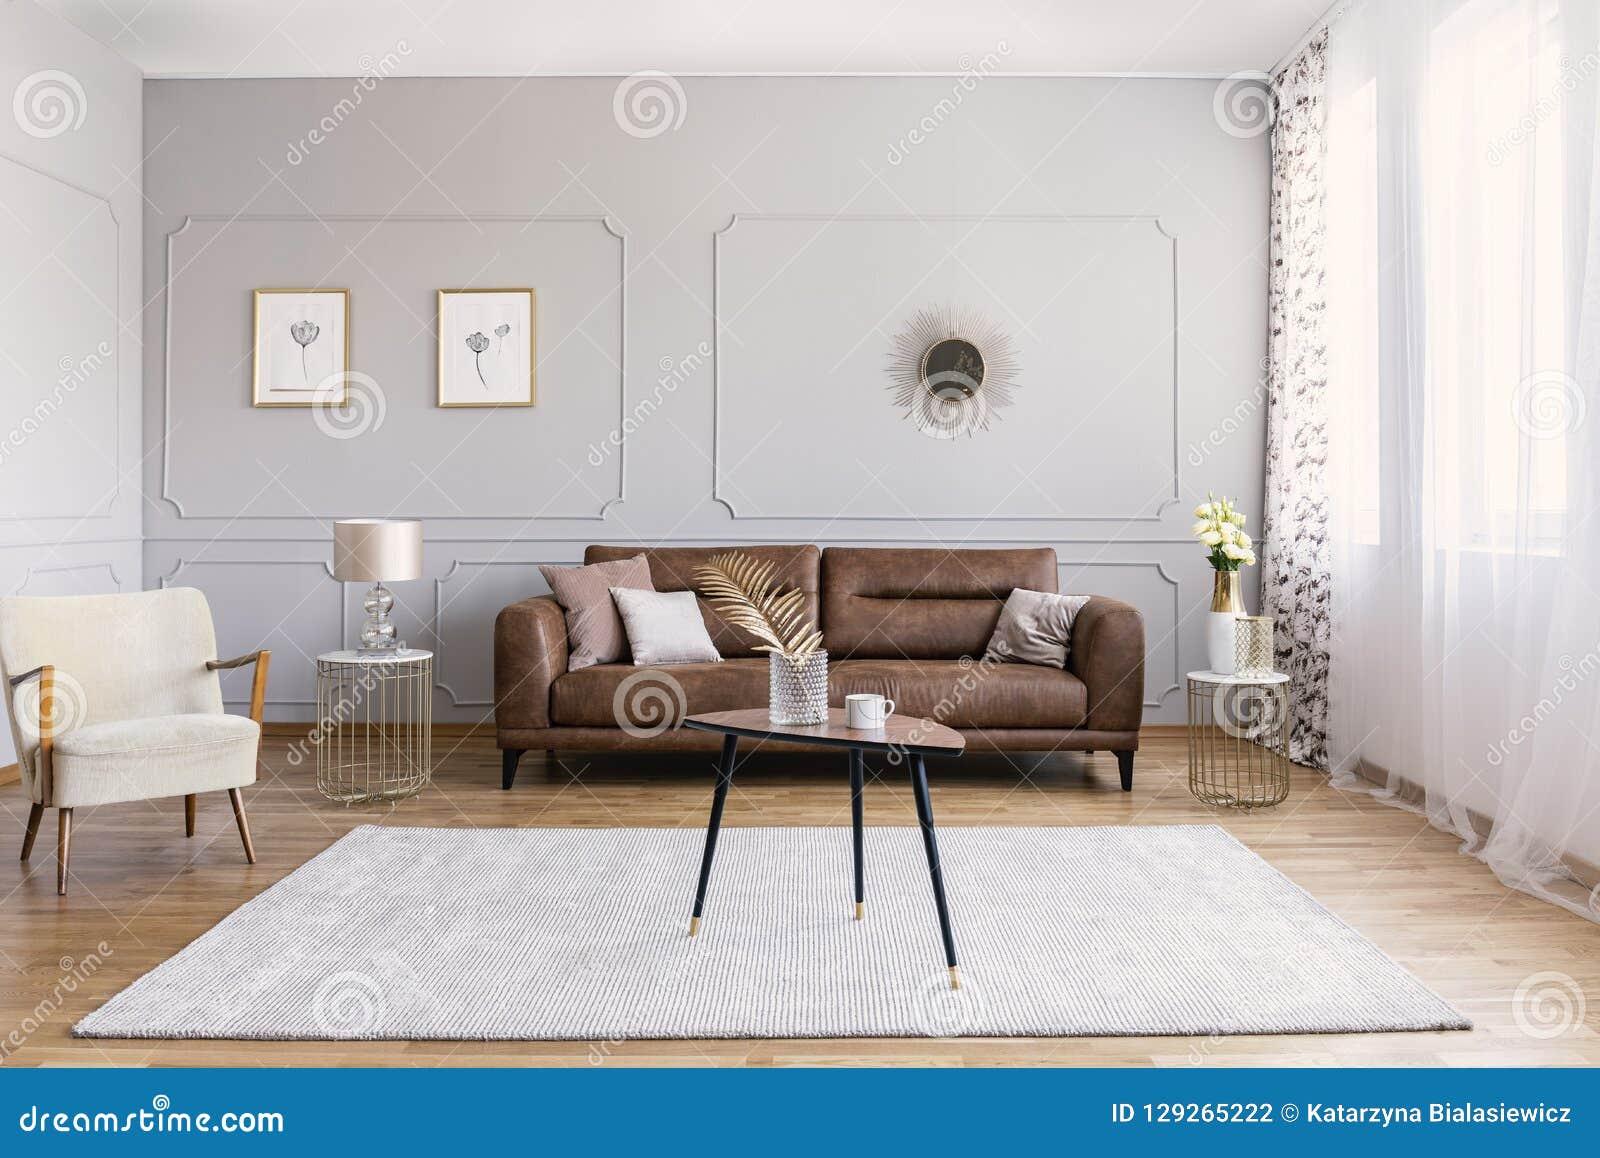 Minimaal binnenlands ontwerp van woonkamer met bruine leerlaag, retro leunstoelkoffietafel en gouden decoratie